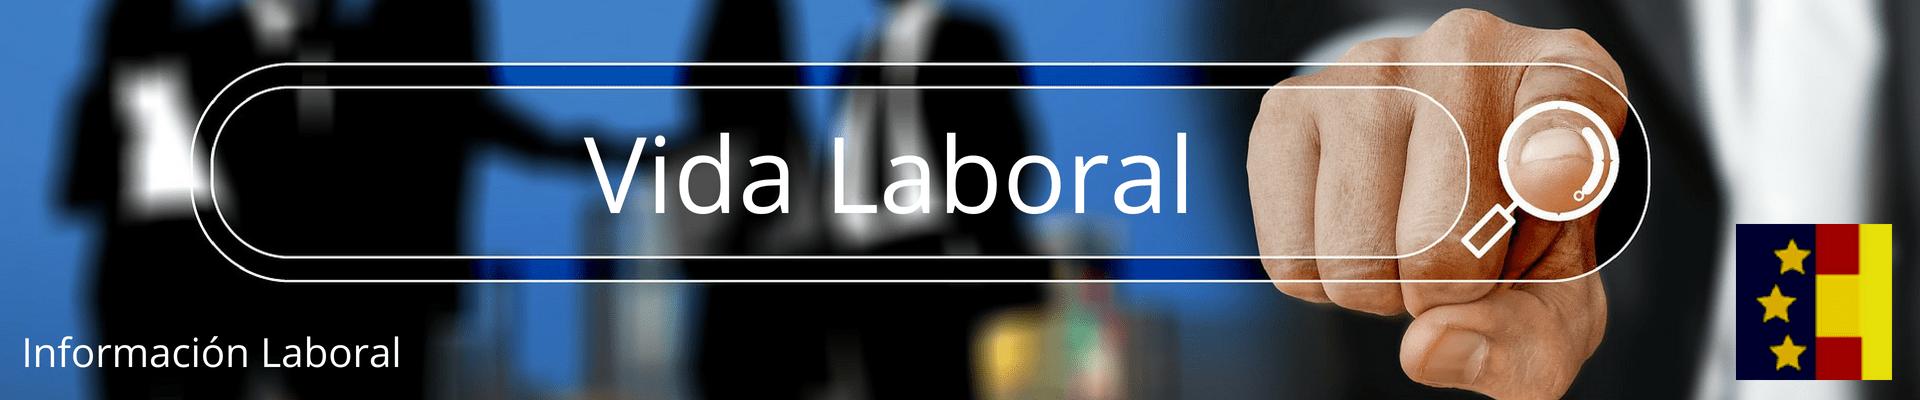 Vida Laboral instantánea